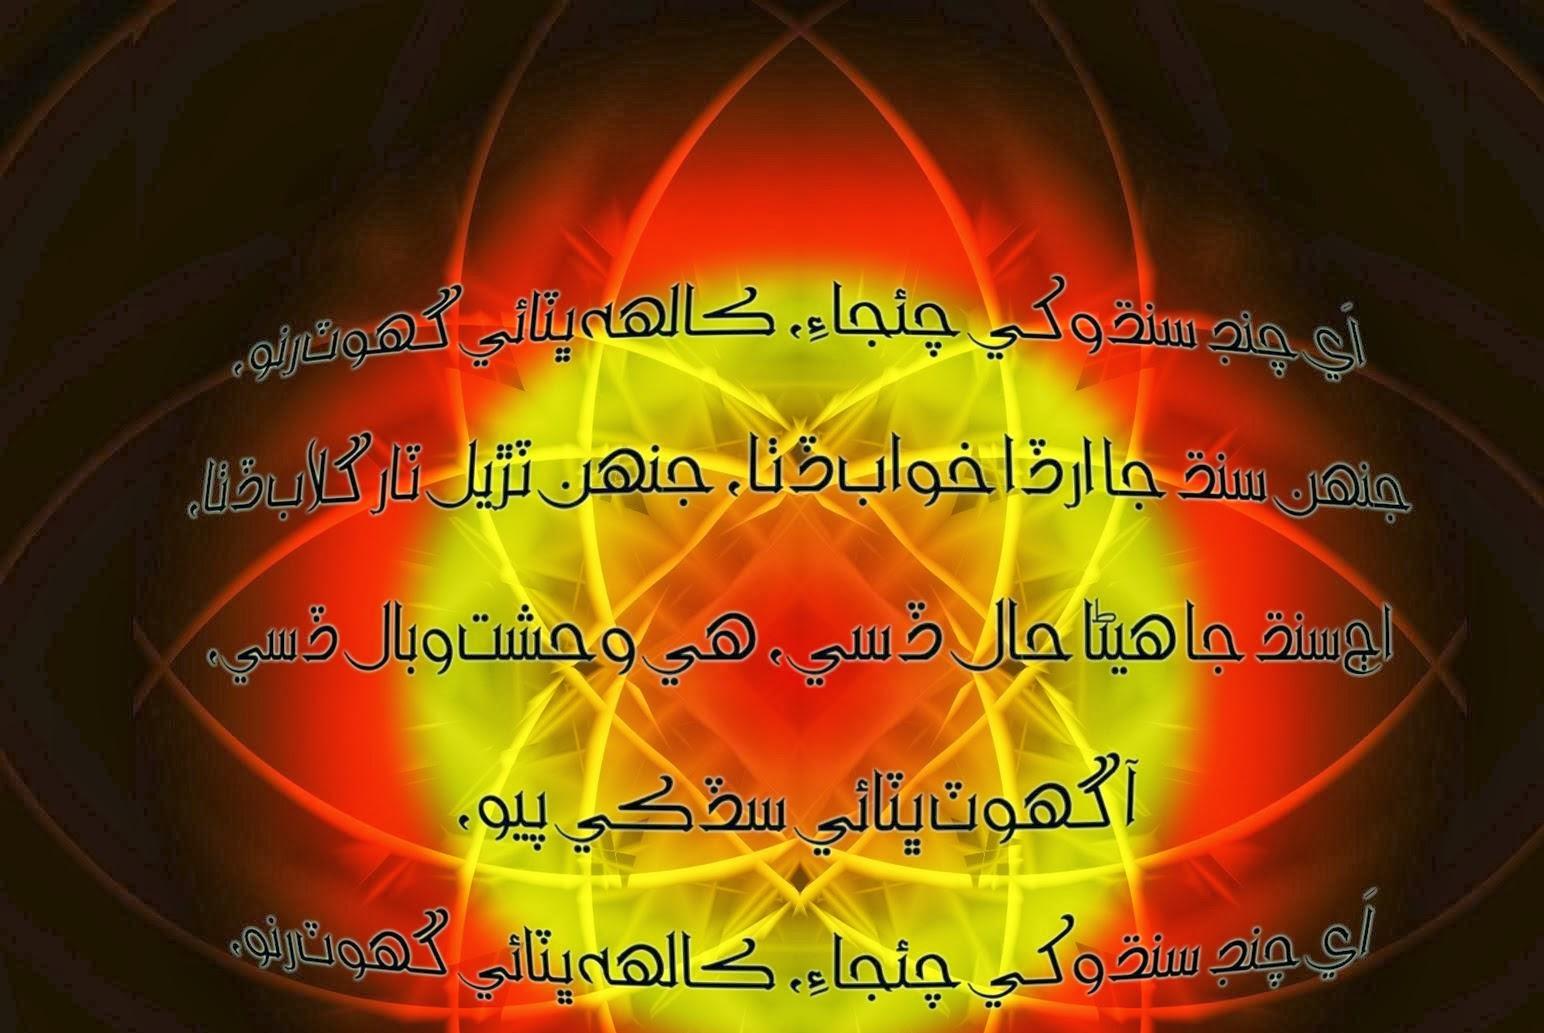 Poetry Sindhi Wallpapers HD Desktop Wallpapers Download 1544x1033